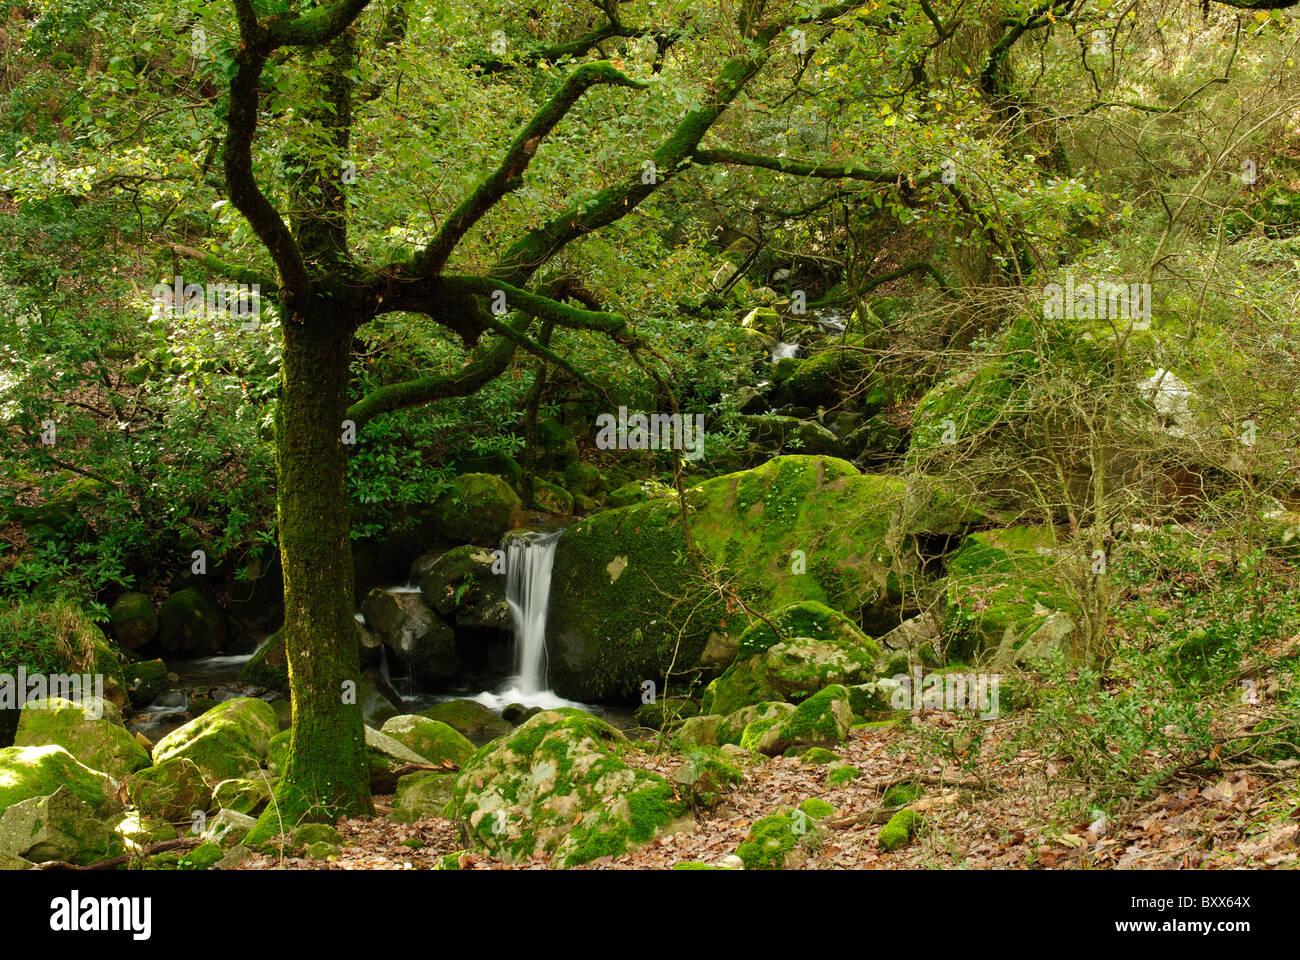 Paisaje en los bosques de los alcornocales. - Stock Image